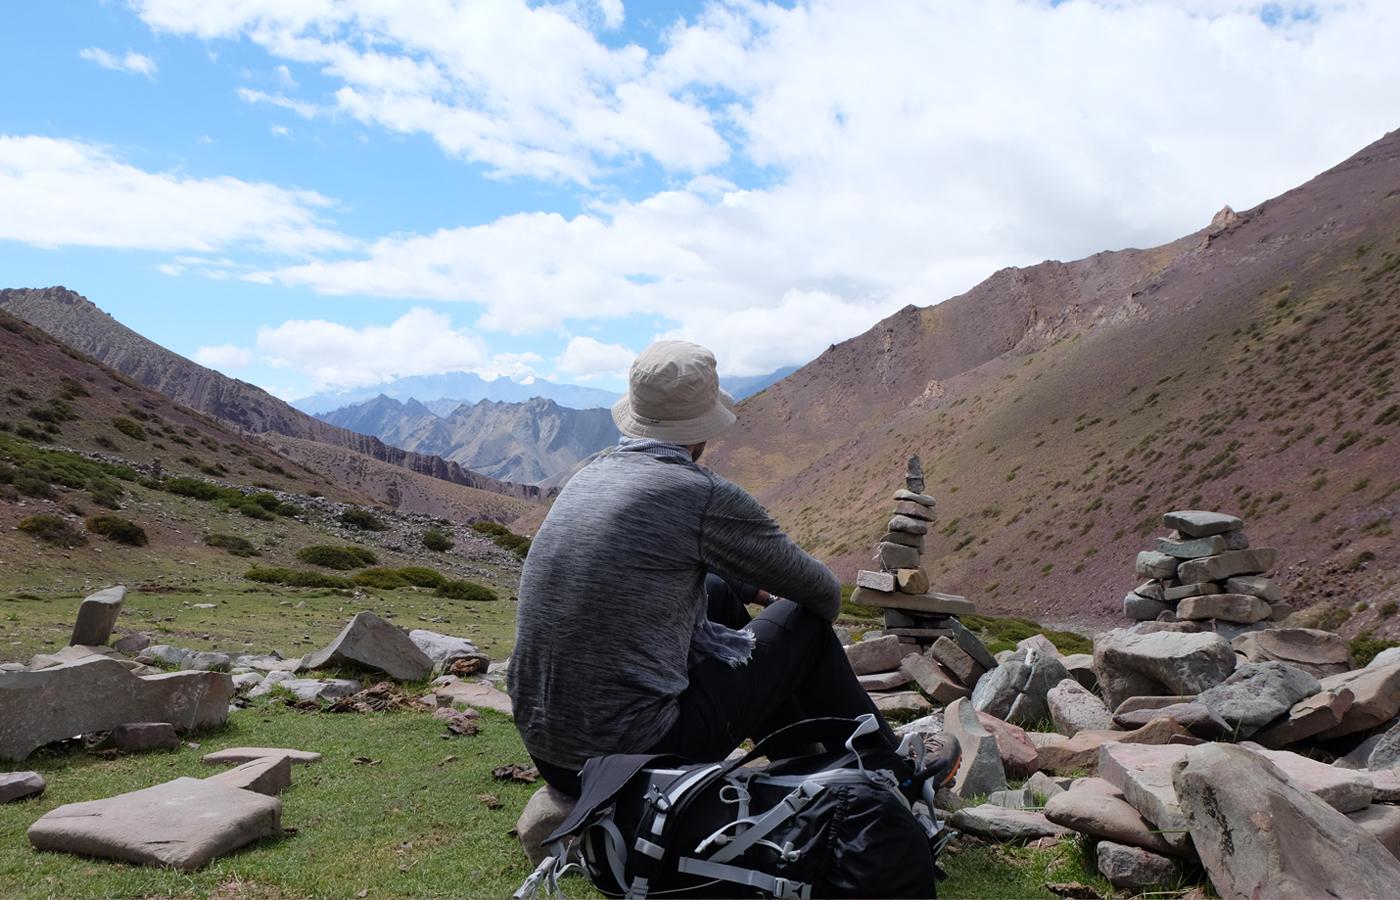 05_ladakh_trek_5620_new.jpg